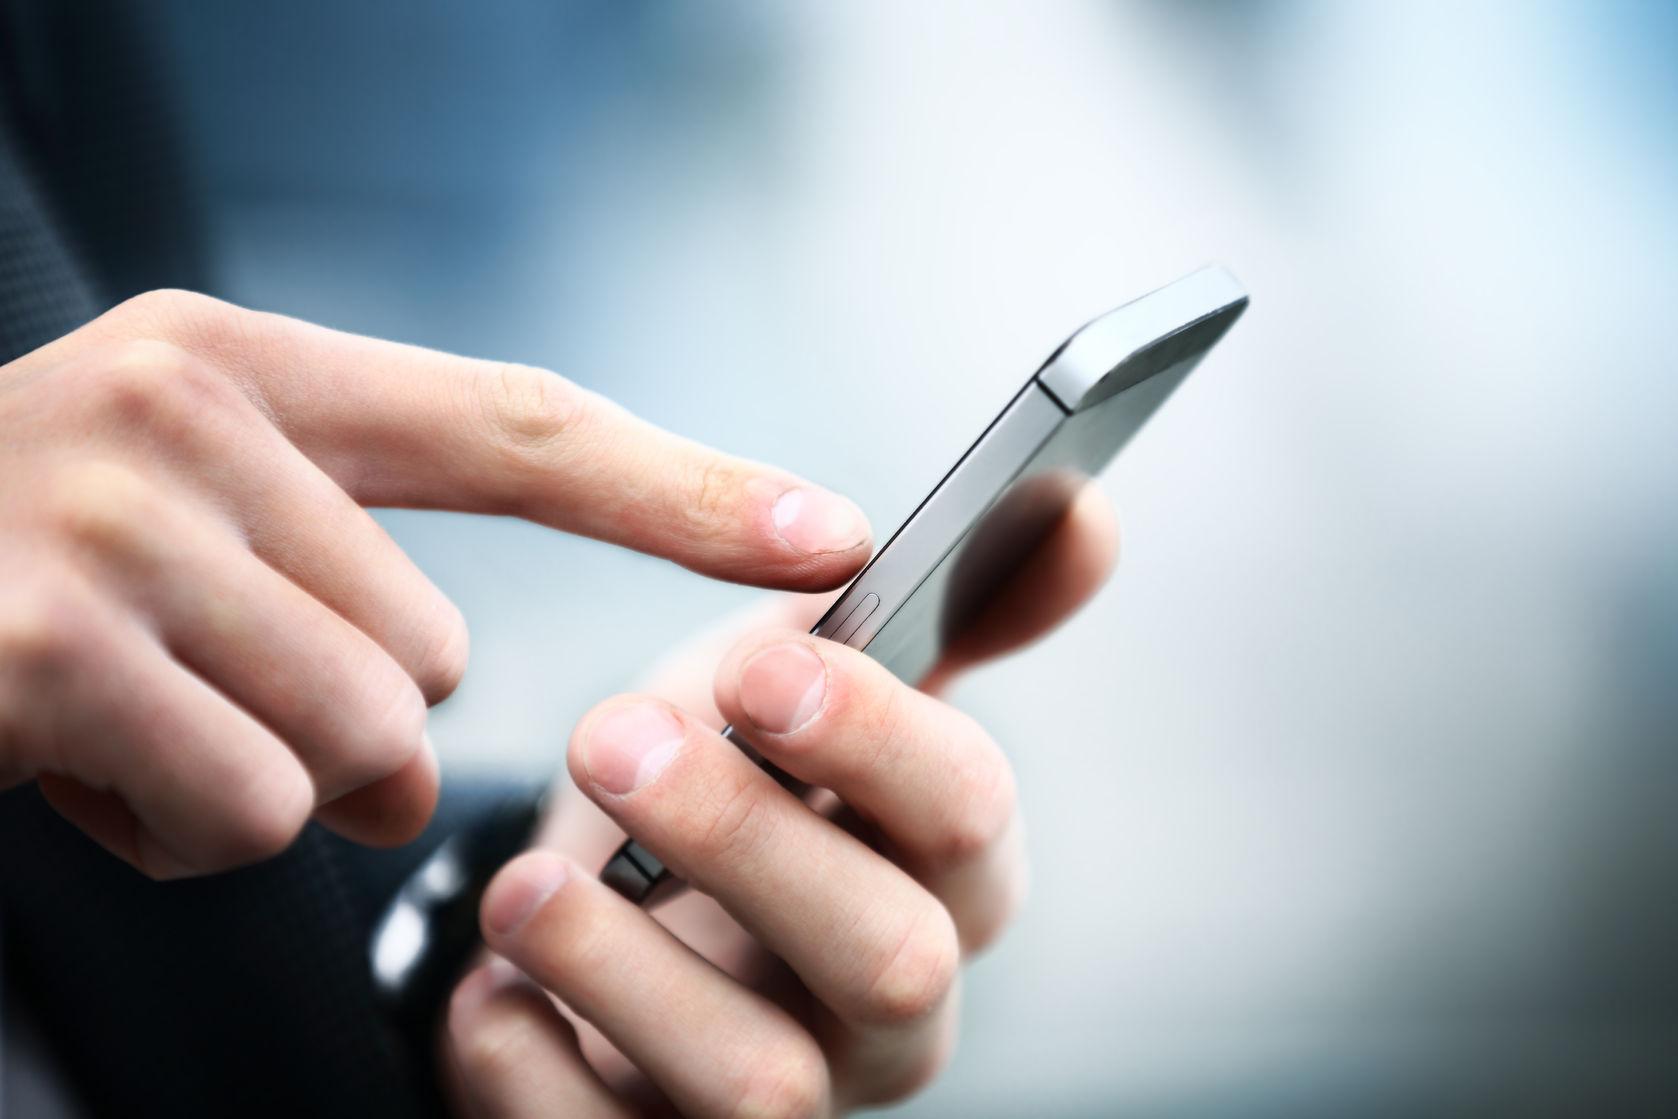 ΕΕΤΤ: Προειδοποιεί για υπερβολικές χρεώσεις μέσω μηνυμάτων σε κινητά